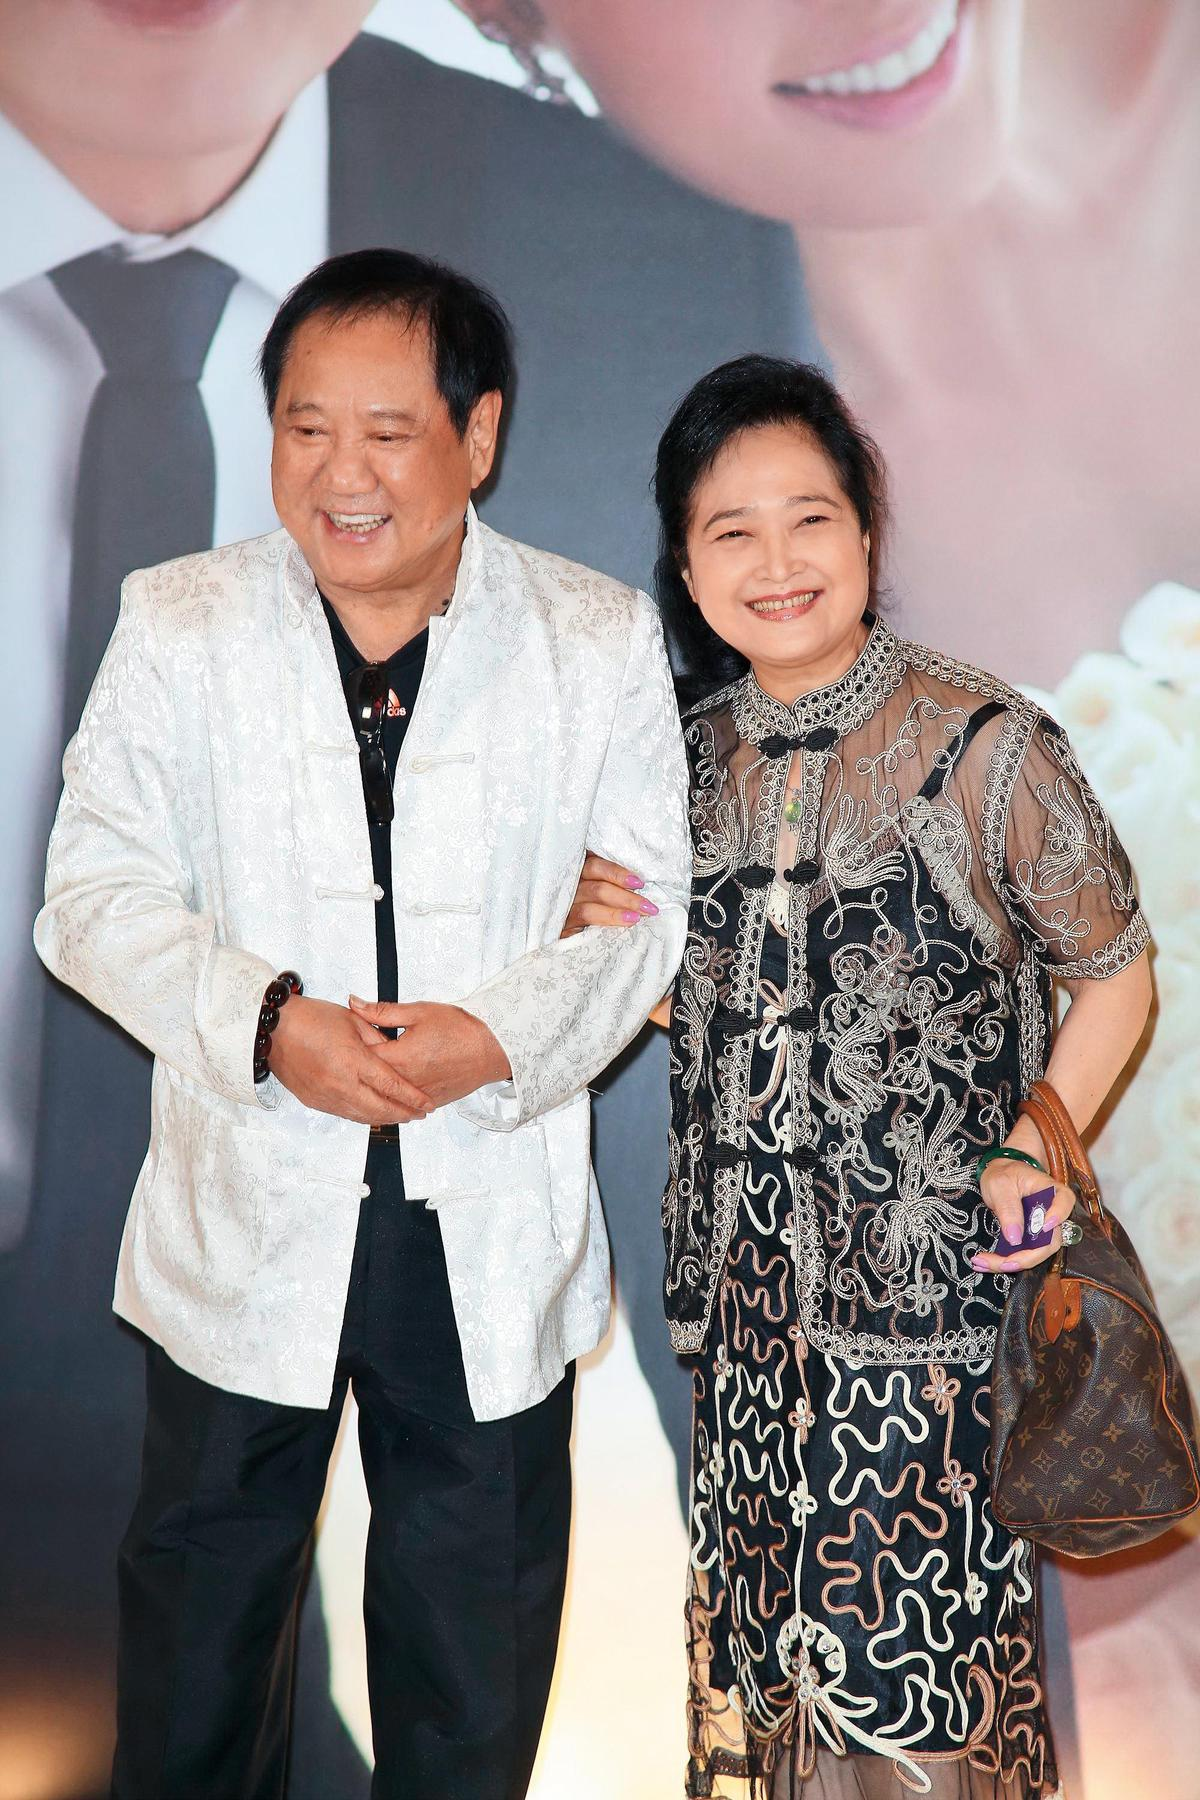 馬如龍曾離過2次婚,後來又娶了小他10多歲的沛小嵐,結婚至今30多年感情仍相當好。(東方IC)